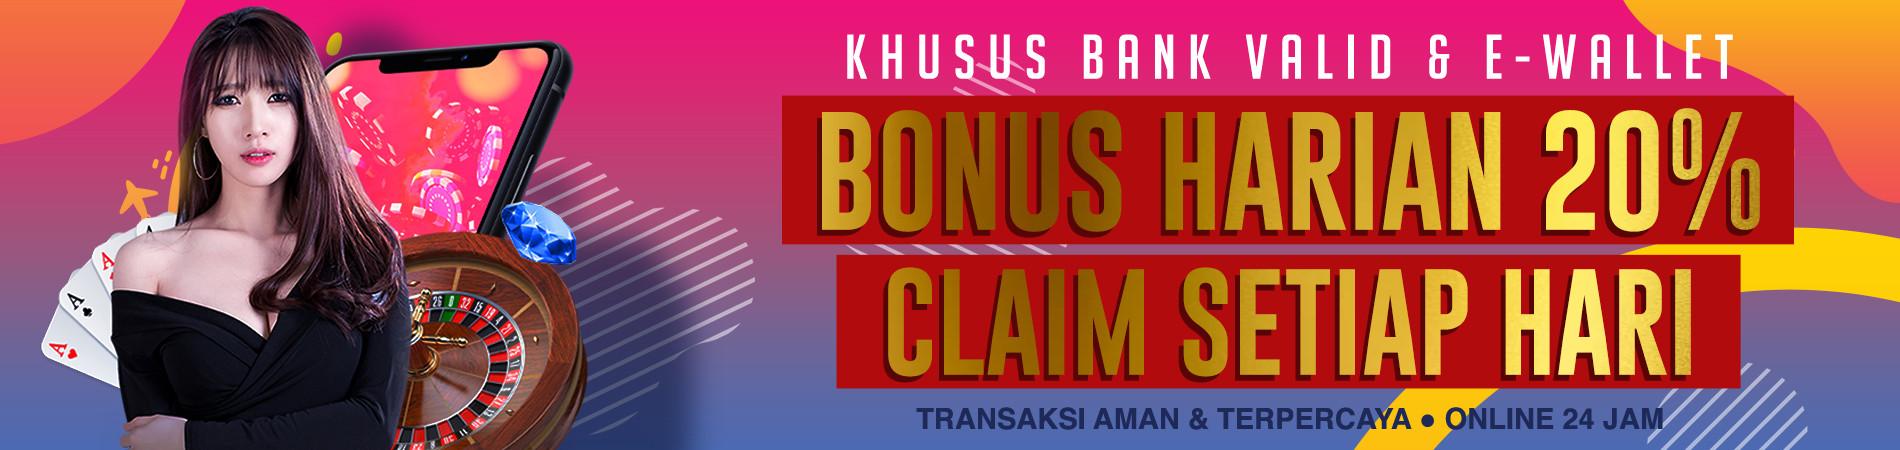 Topup bonus 20% / hari